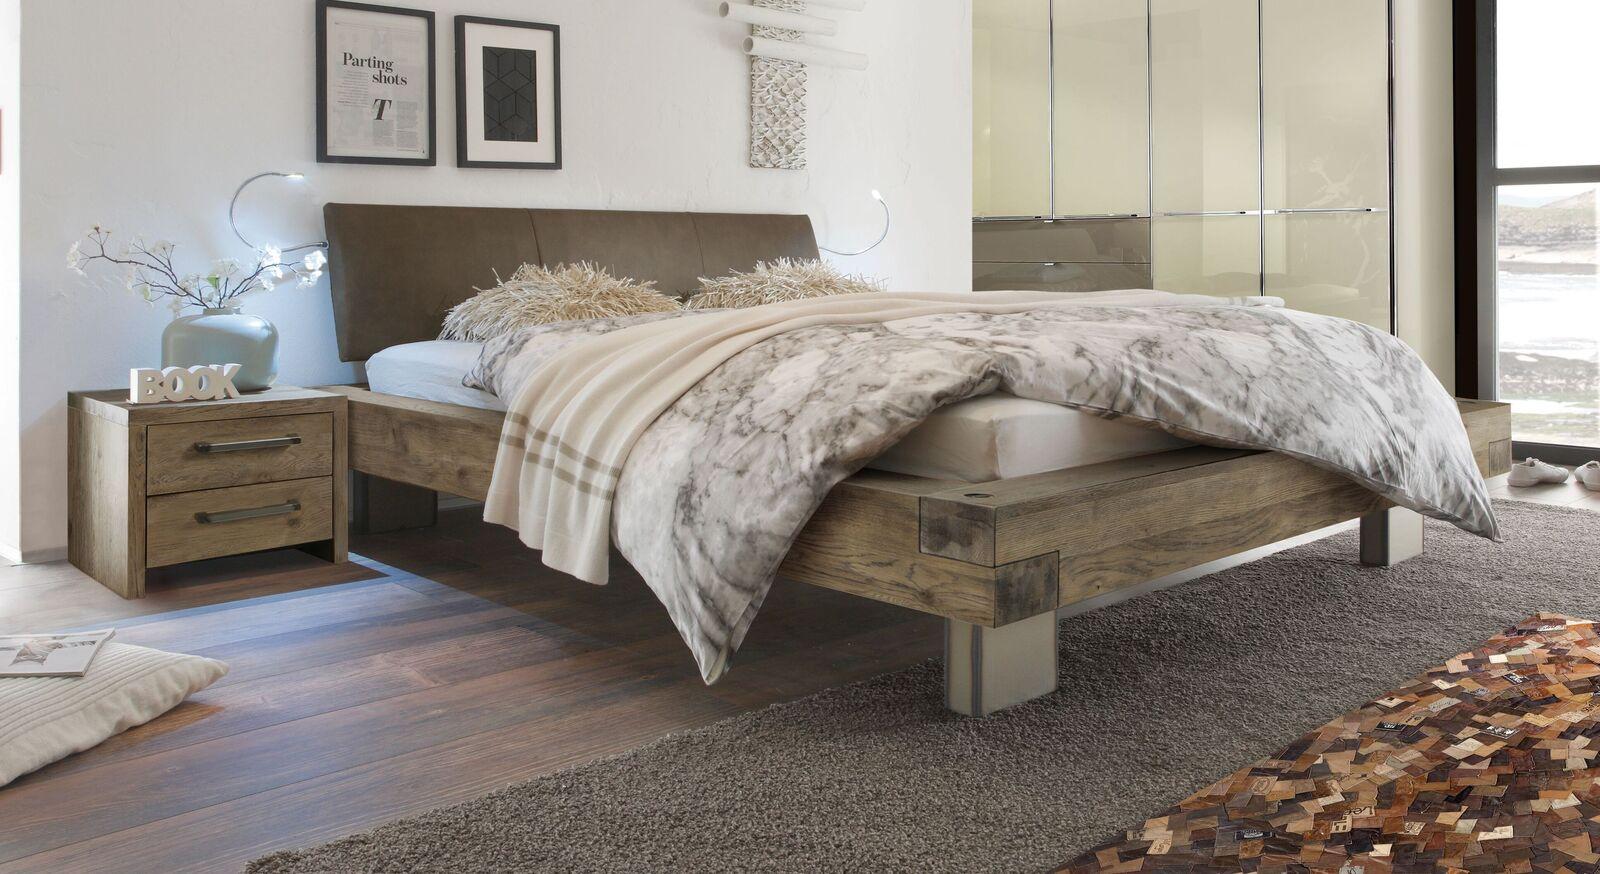 Holzbett Limeira in Terrabraun mit braunem Luxus-Kunstleder